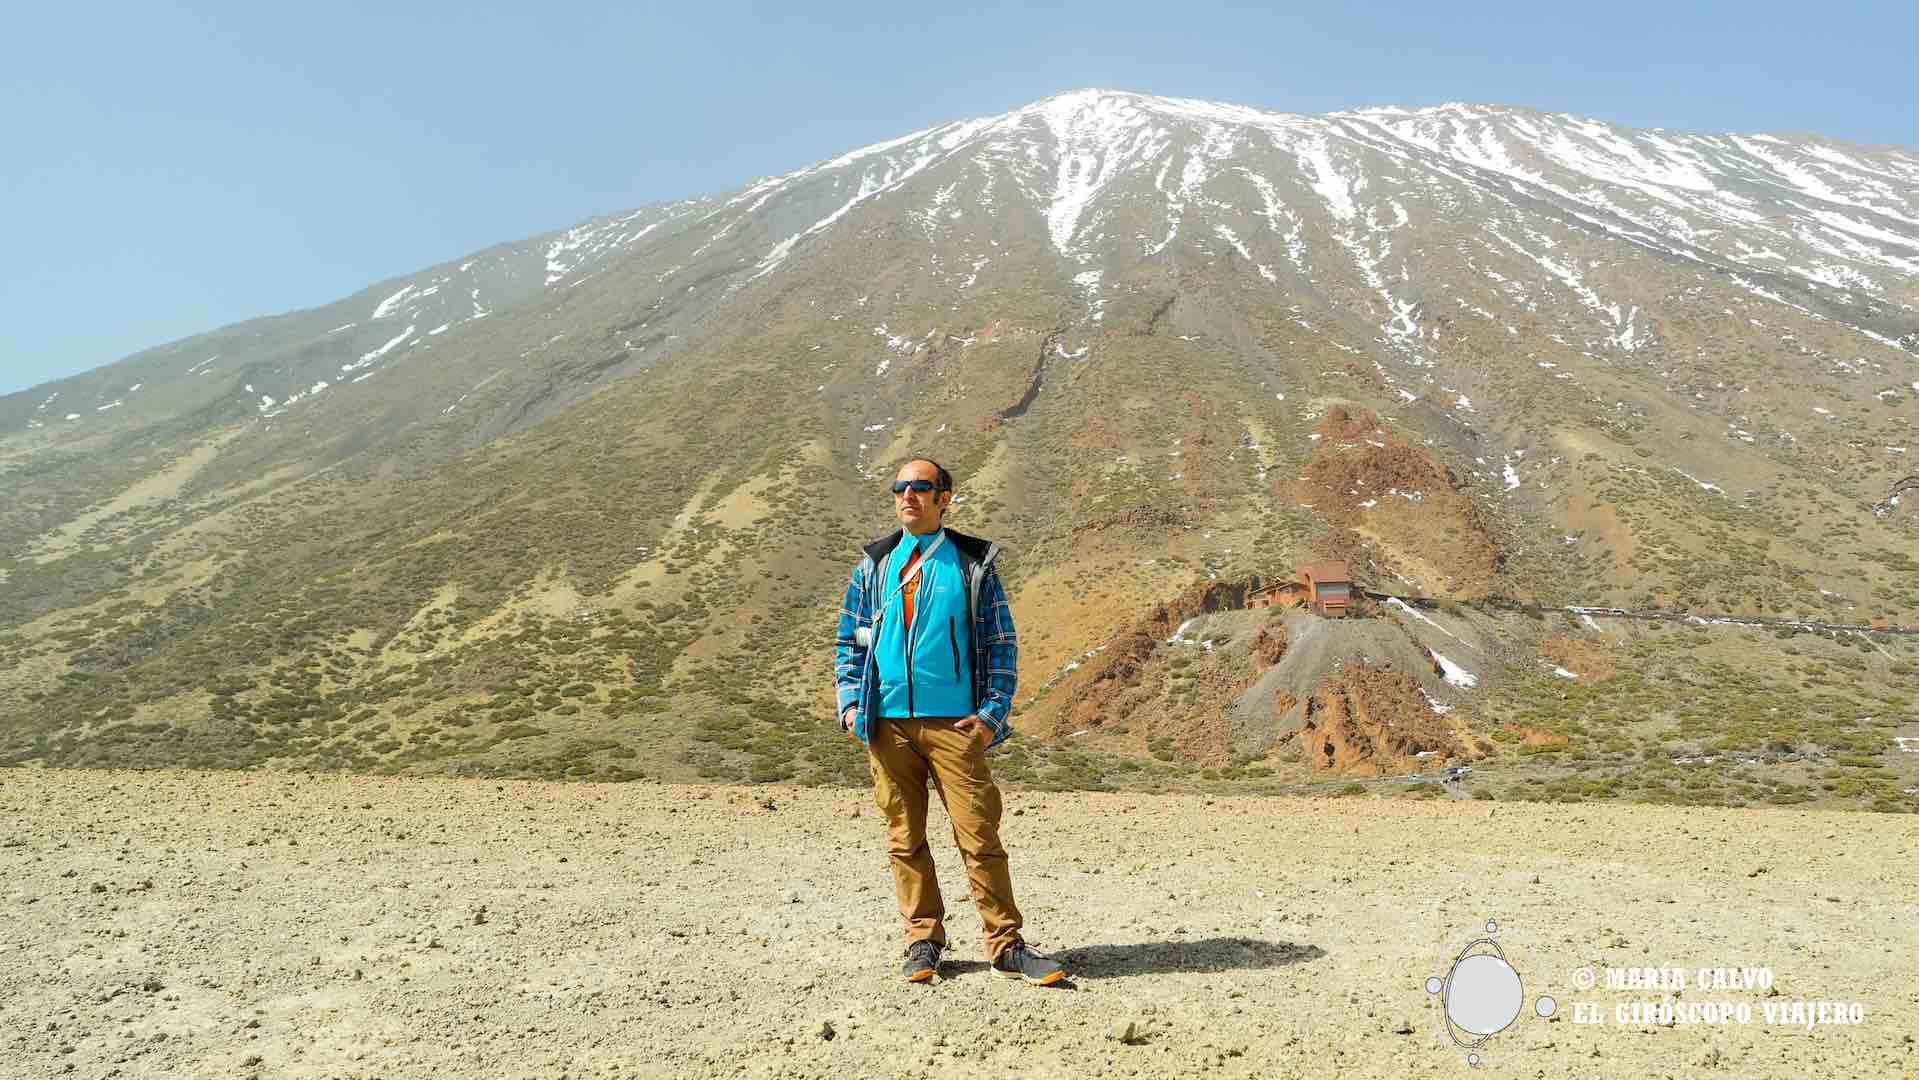 Desde la colina de piedra pómez, con el Teide imponente al fondo